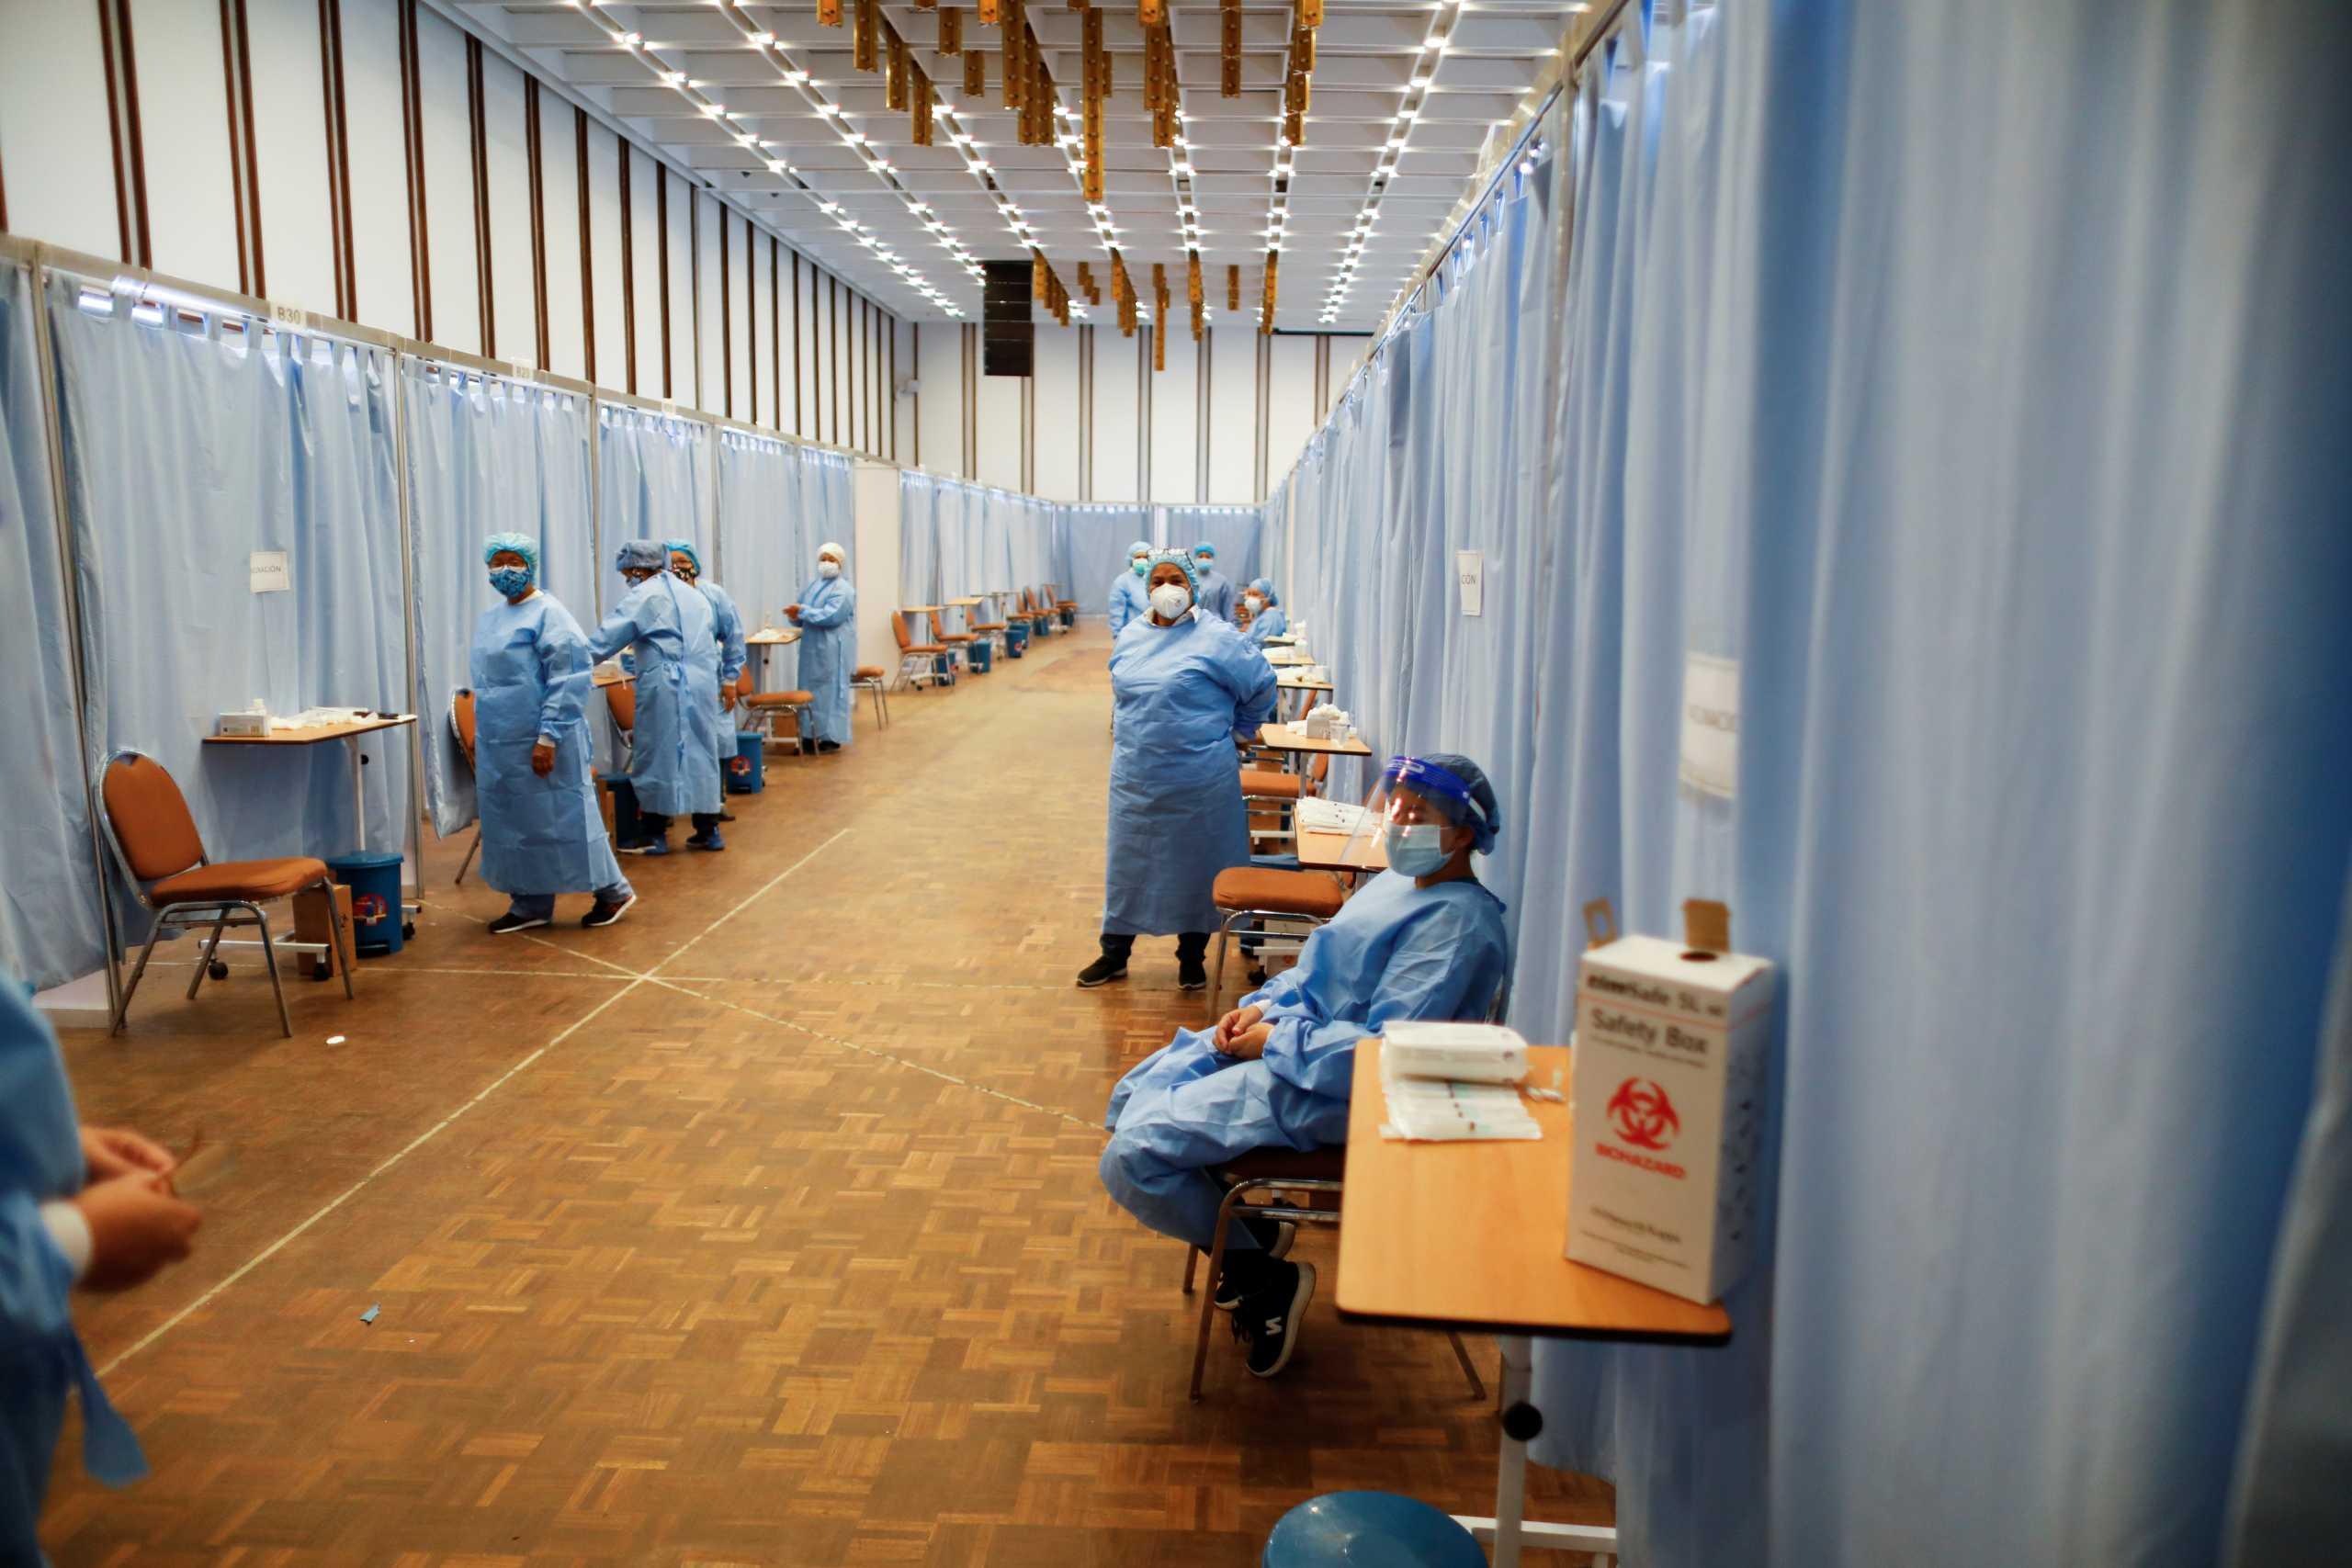 Κορονοϊός: Αυτές είναι οι πέντε χώρες που δεν έχουν ξεκινήσει την εκστρατεία εμβολιασμού